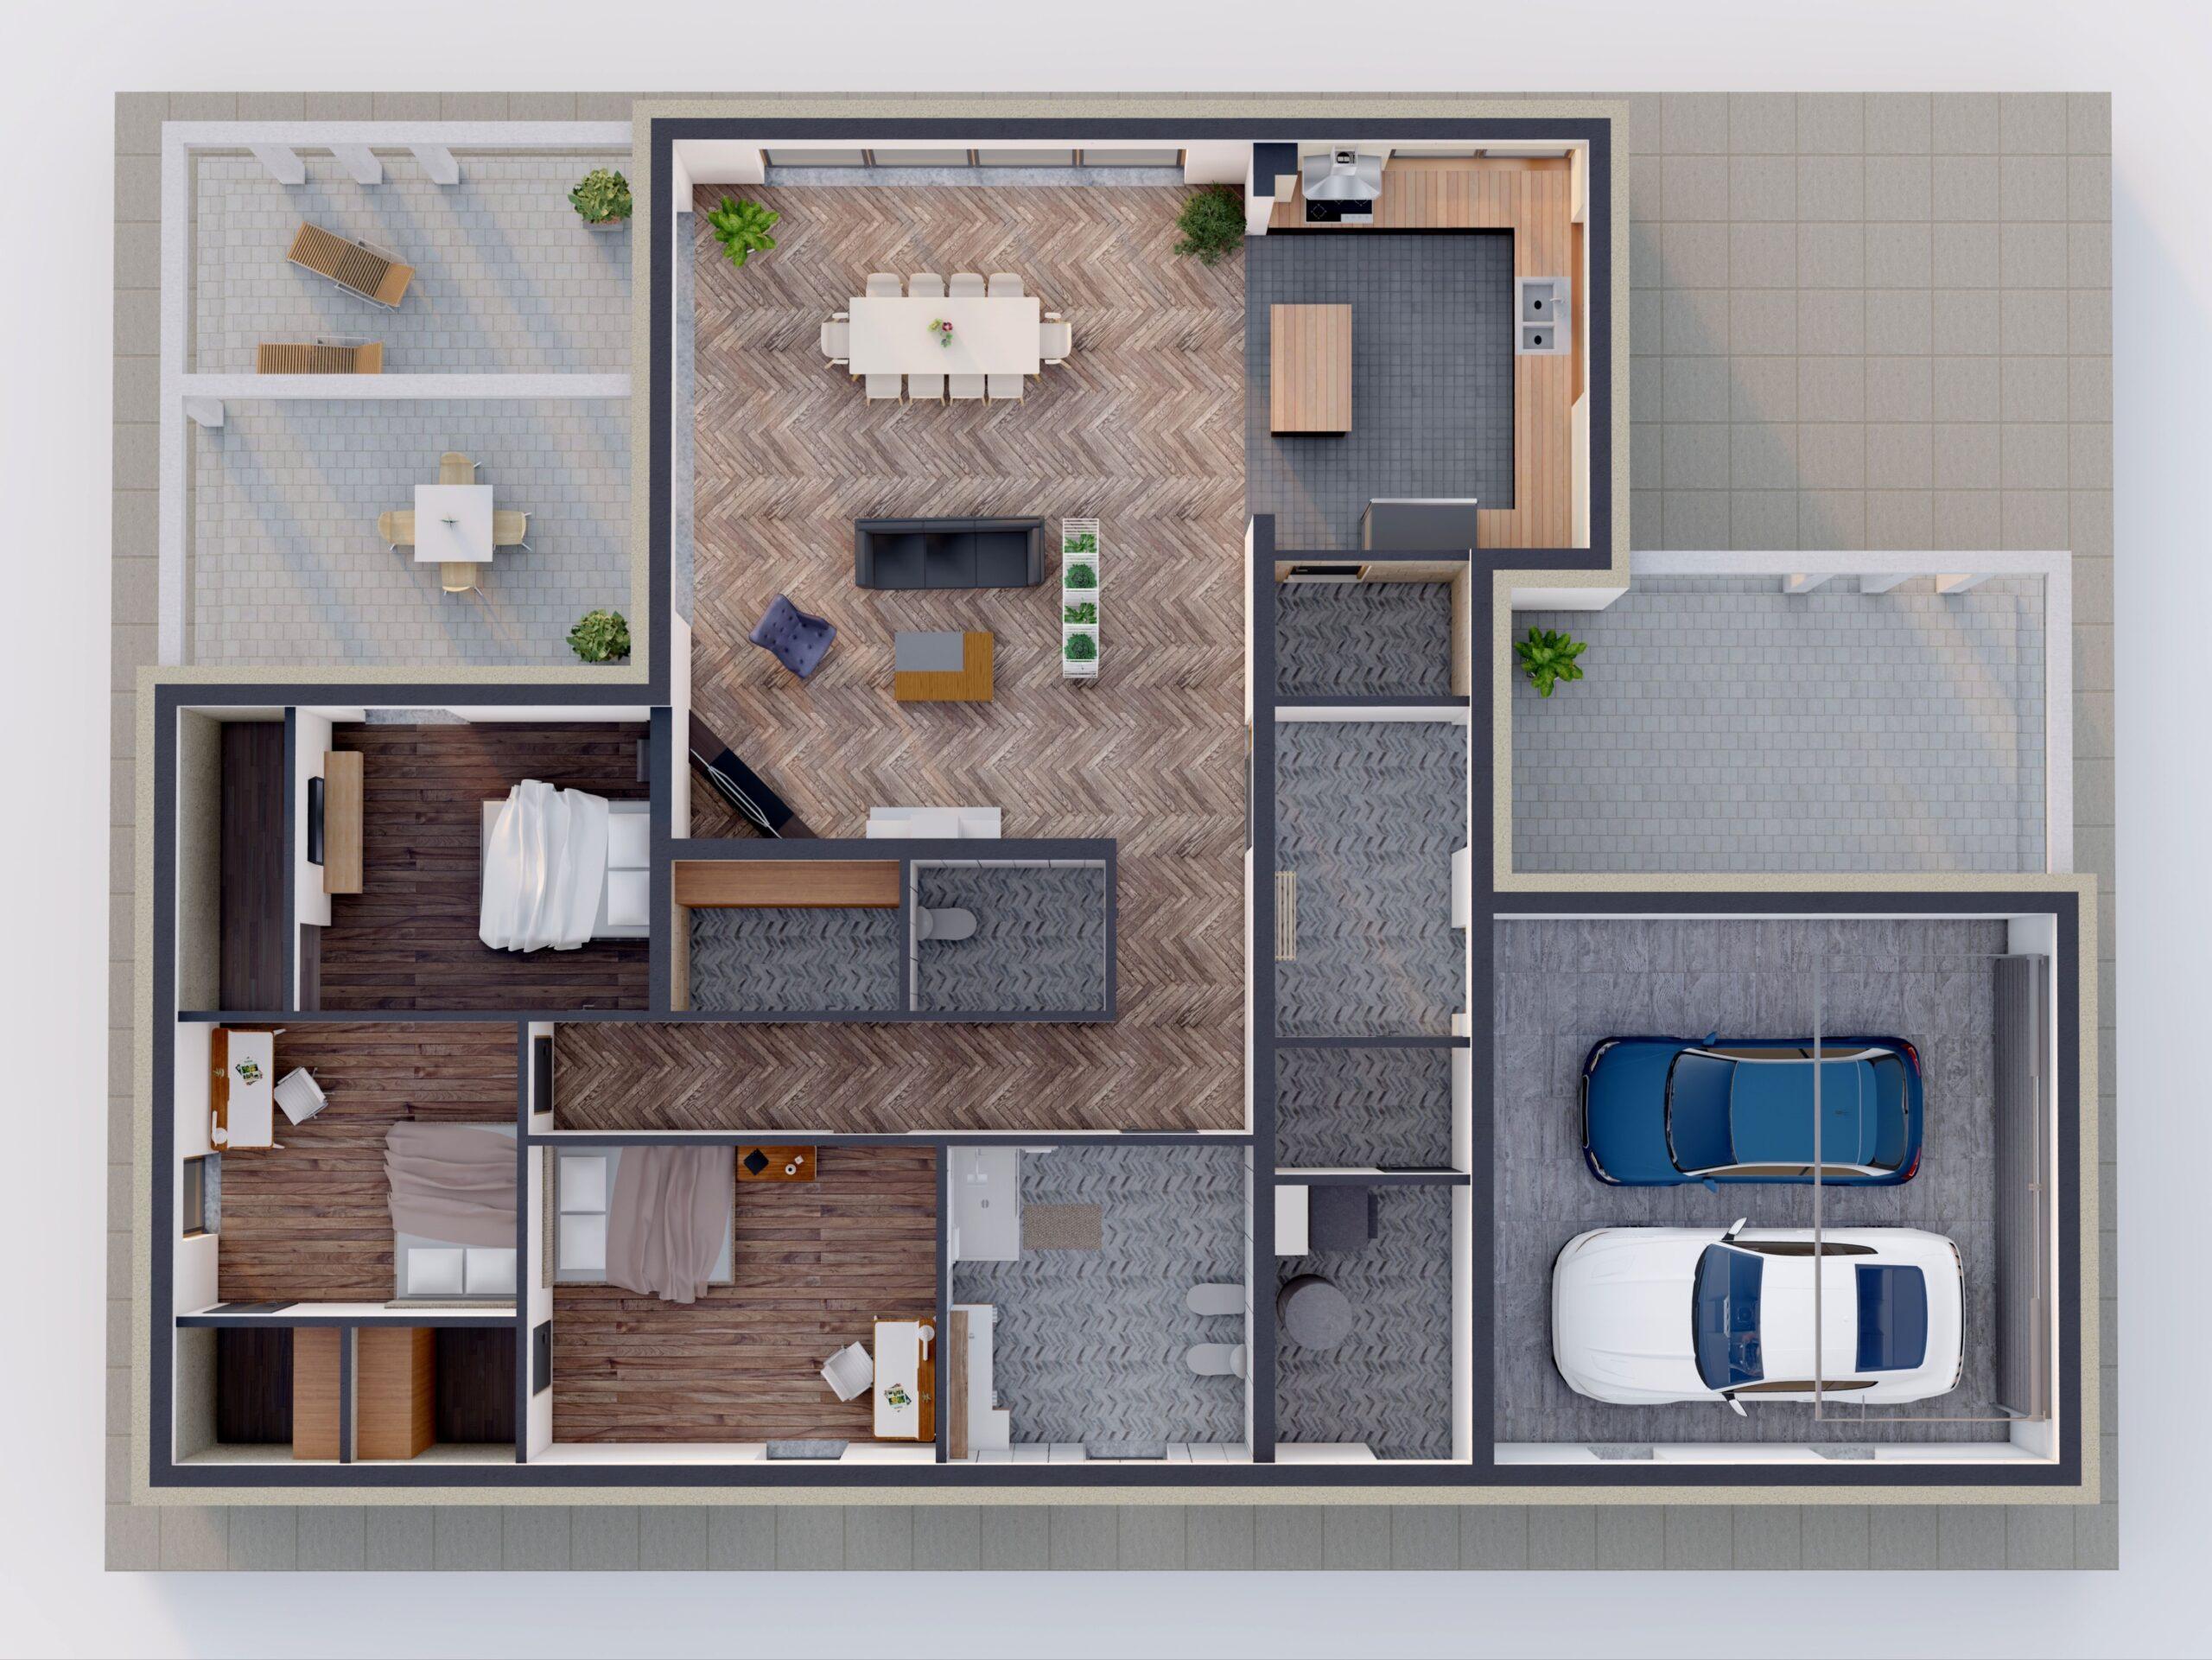 Optymalna powierzchnia domu. Jakie projekty są najchętniej wybierane?